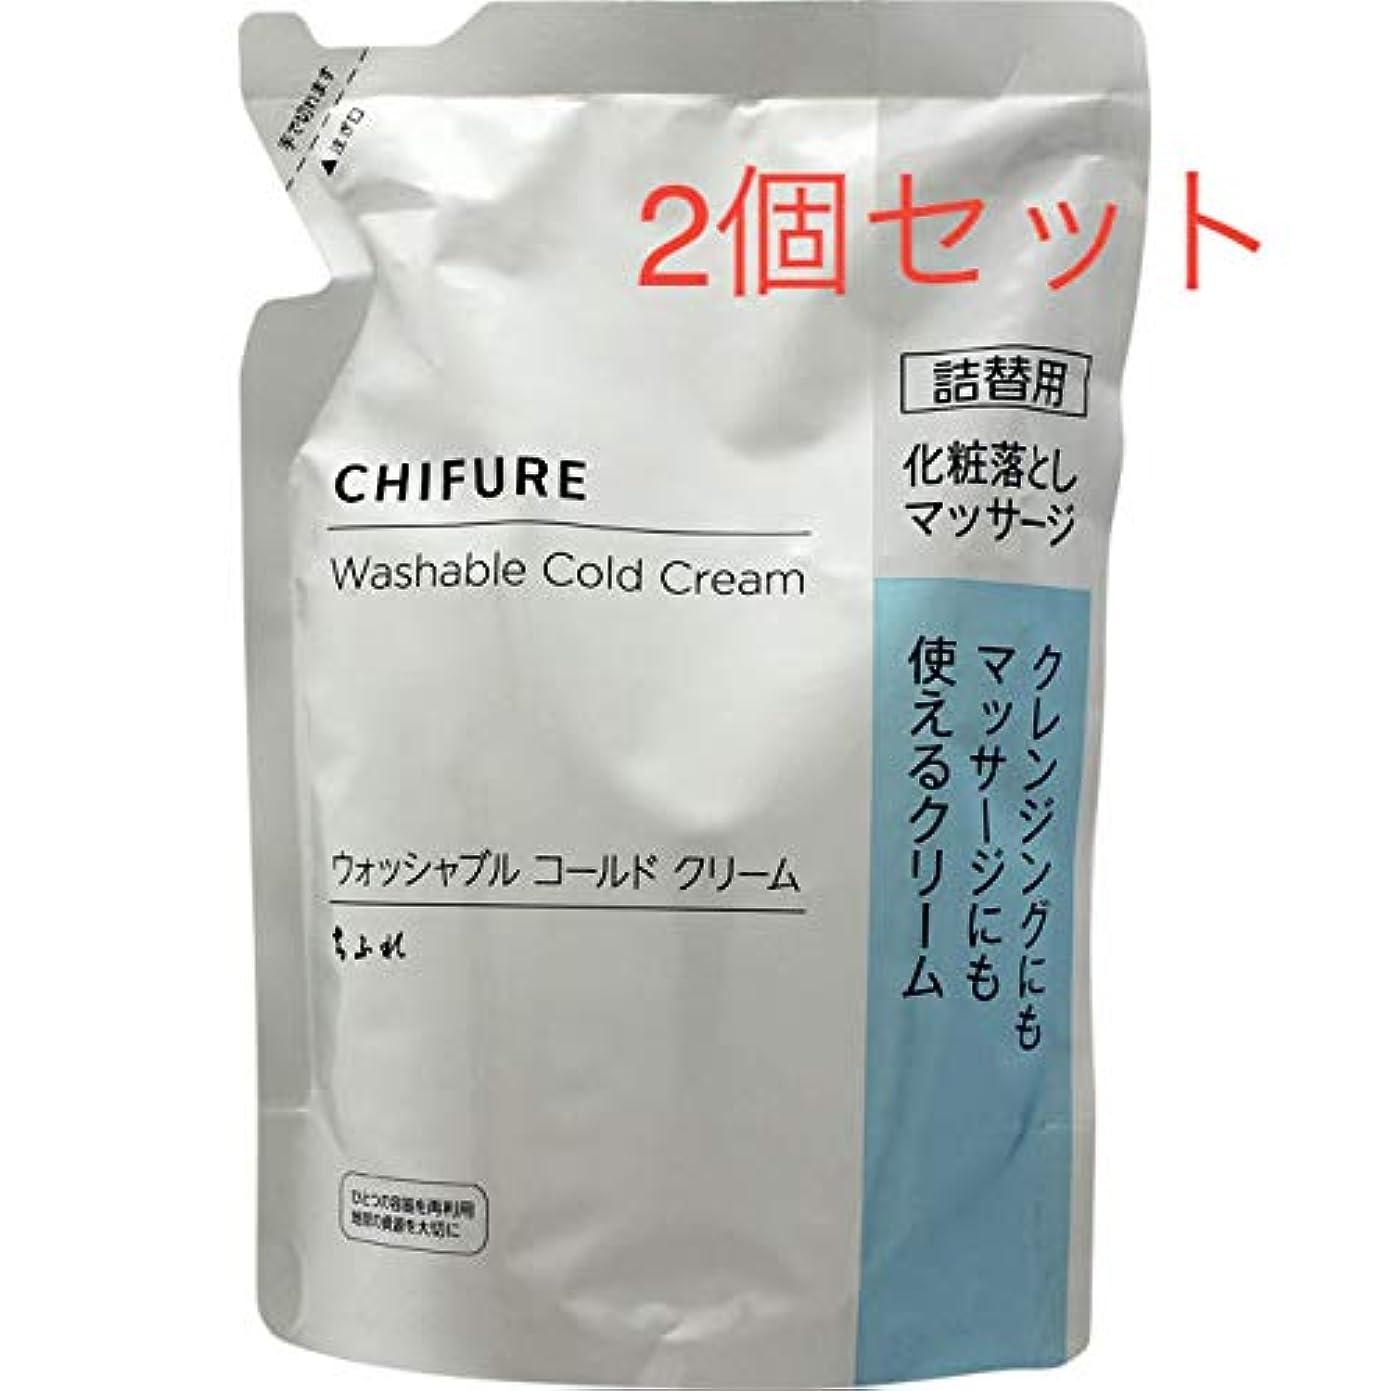 豊かにするパケット達成可能ちふれ化粧品 ウォッシャブルコールドクリームN詰替 300g 2個セット